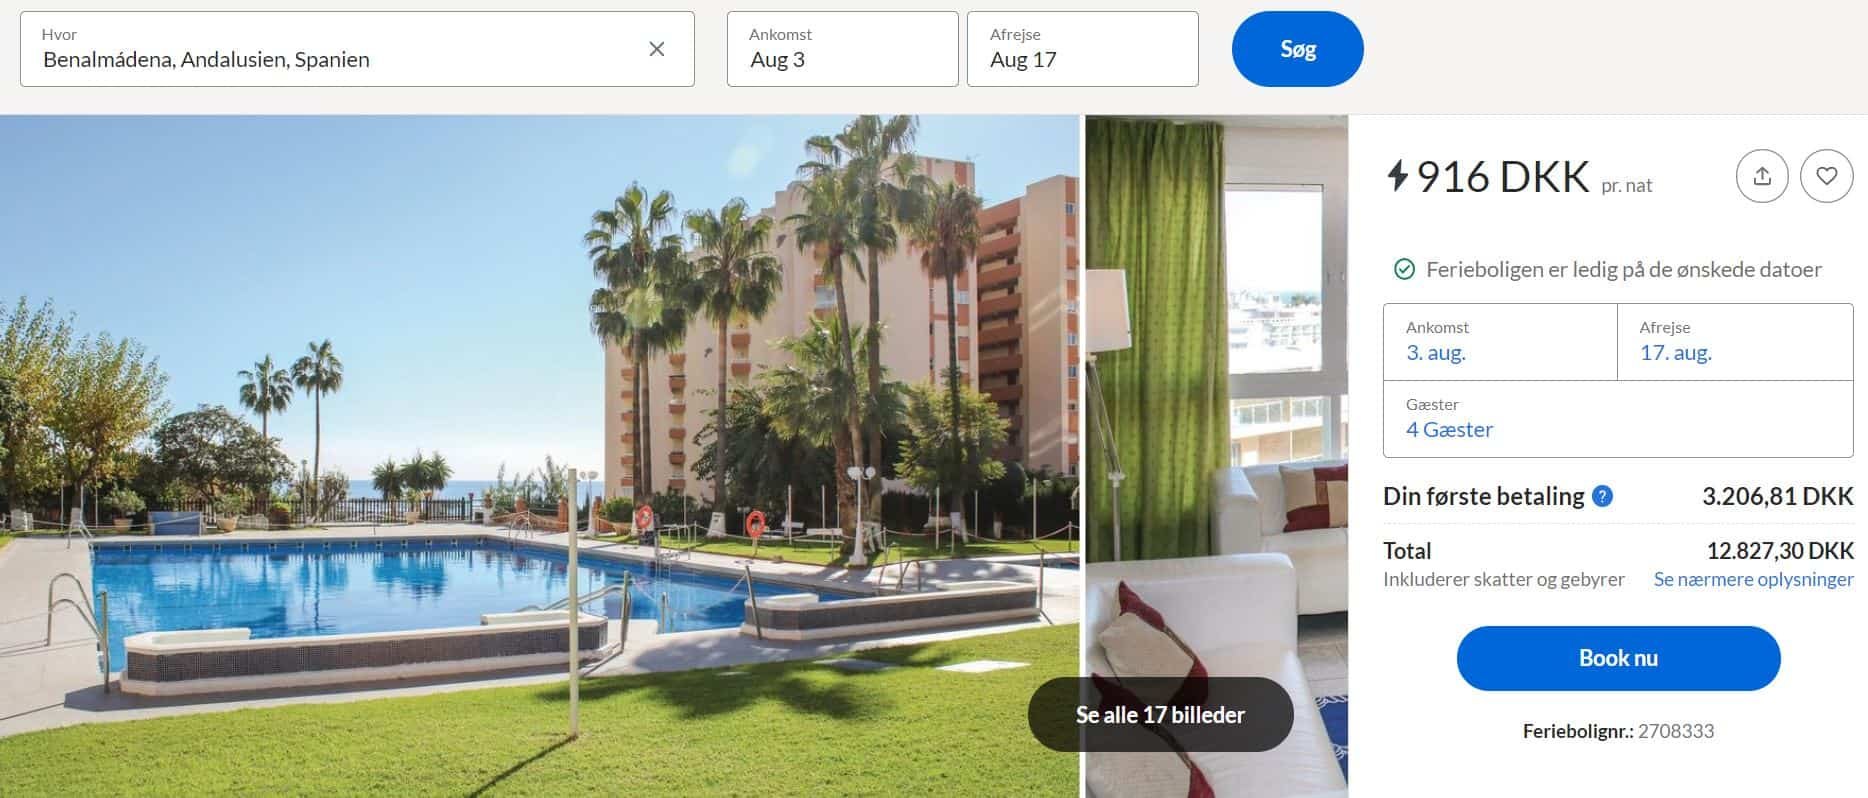 Lejlighed i Malaga - Spanien